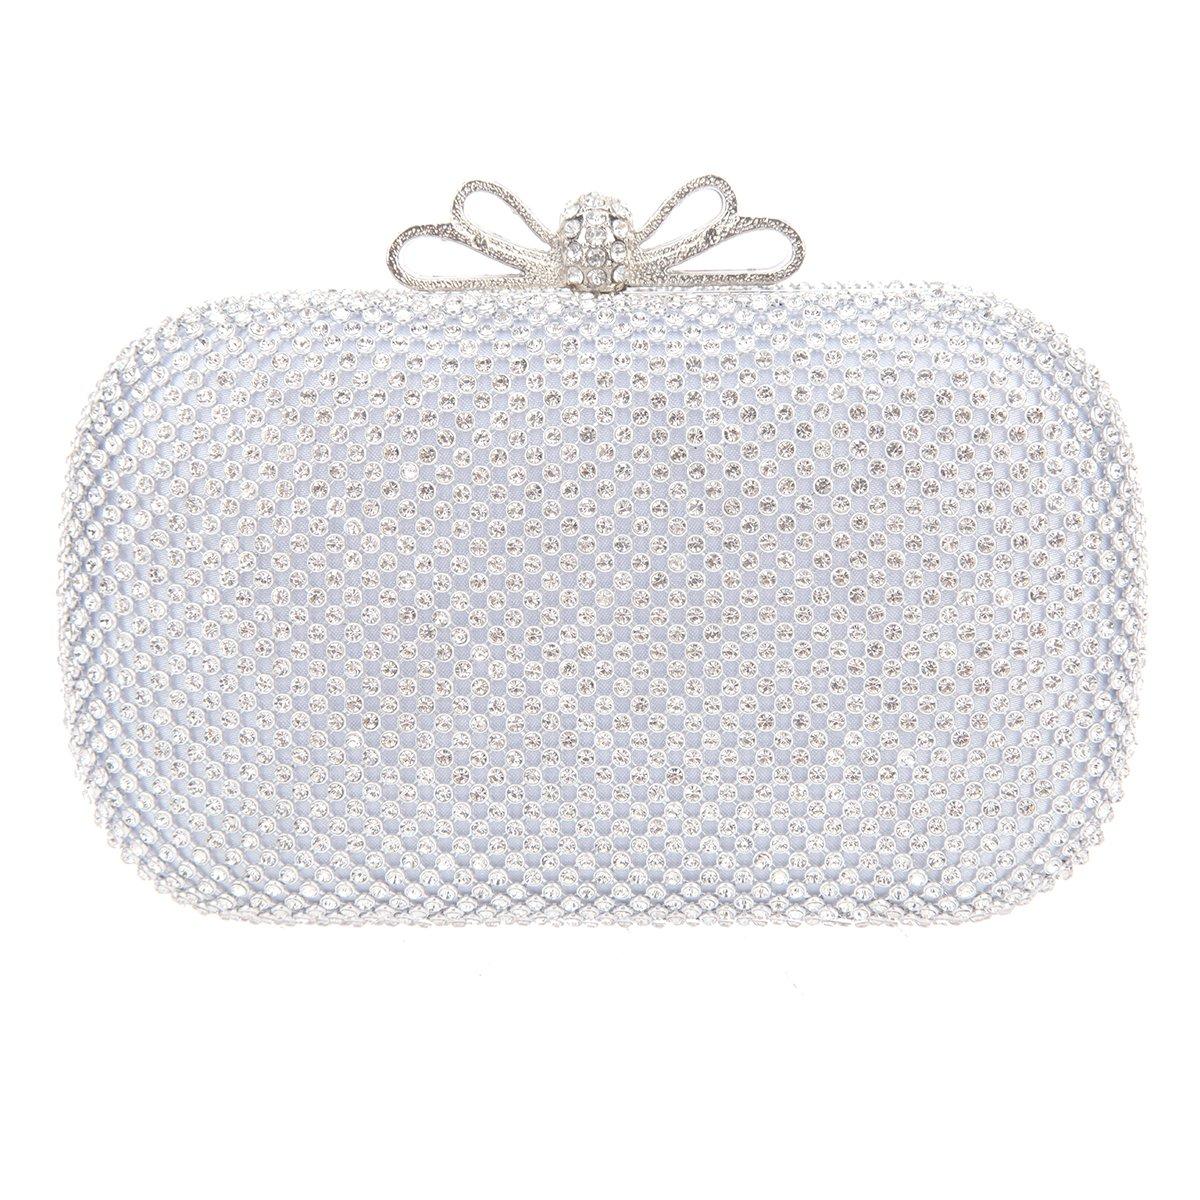 Bonjanvye Bow Purse for Girls Crystal Rhinestone Clutch Evening Bags Silver